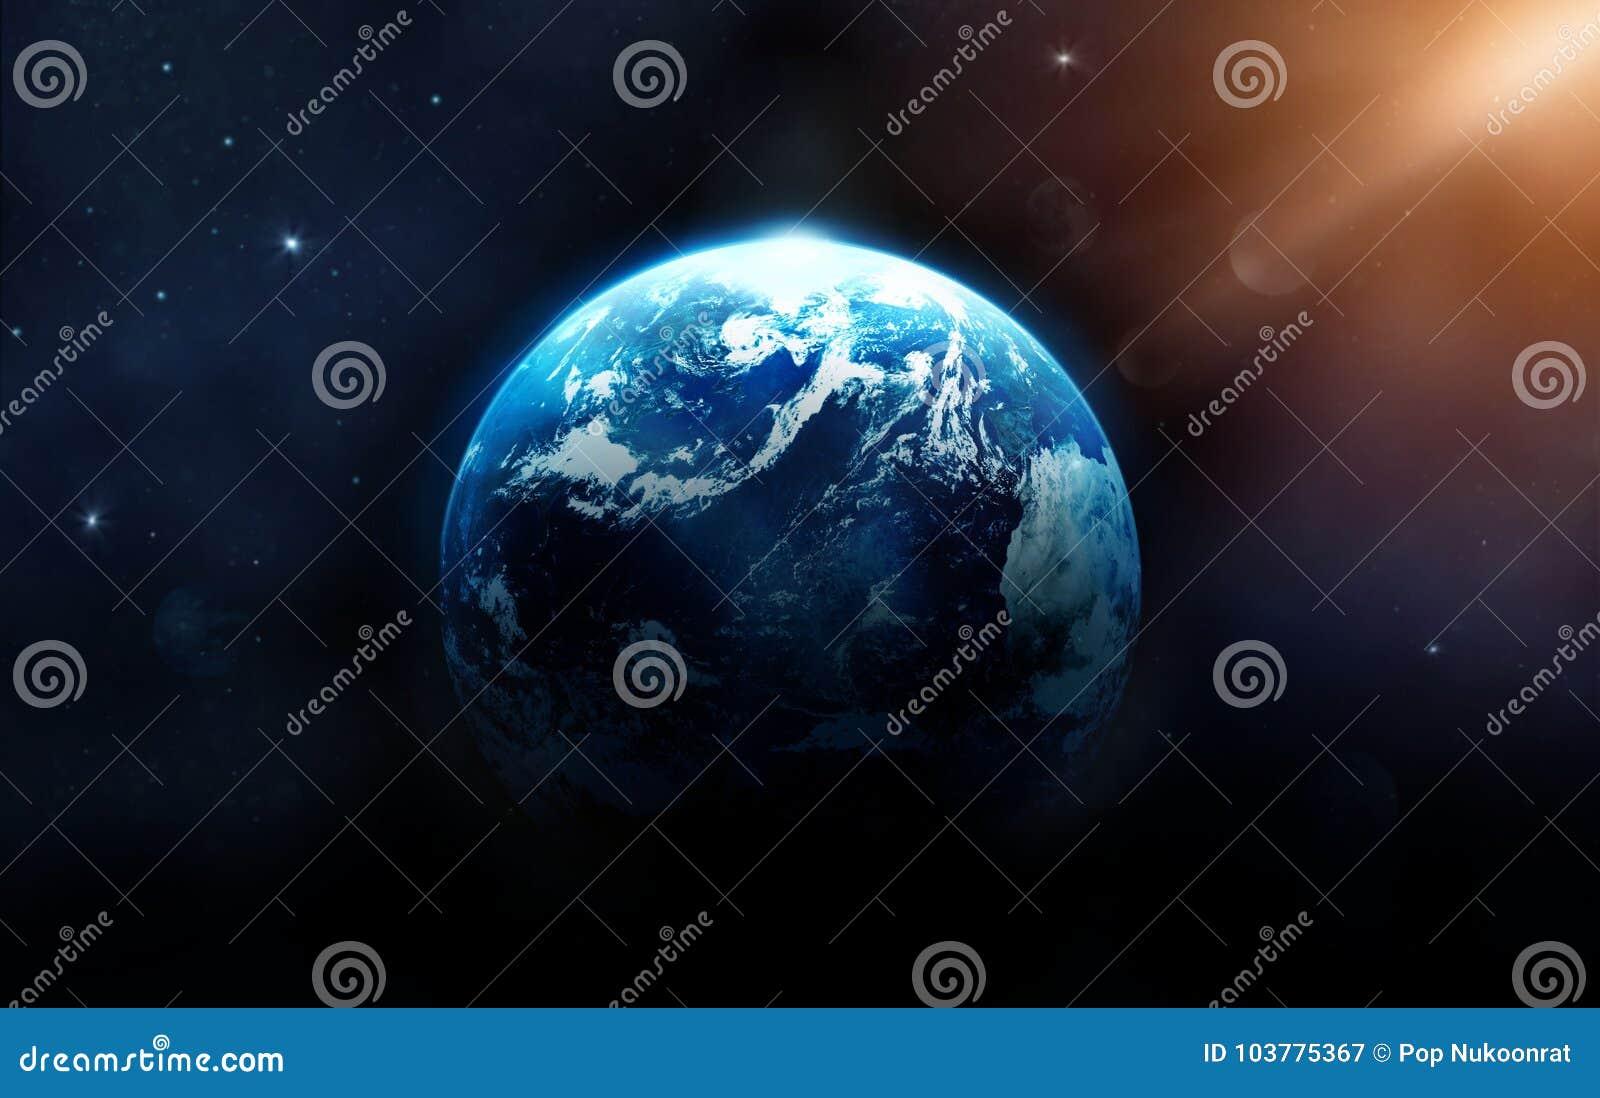 La terre de planète avec le soleil se levant de l espace lointain